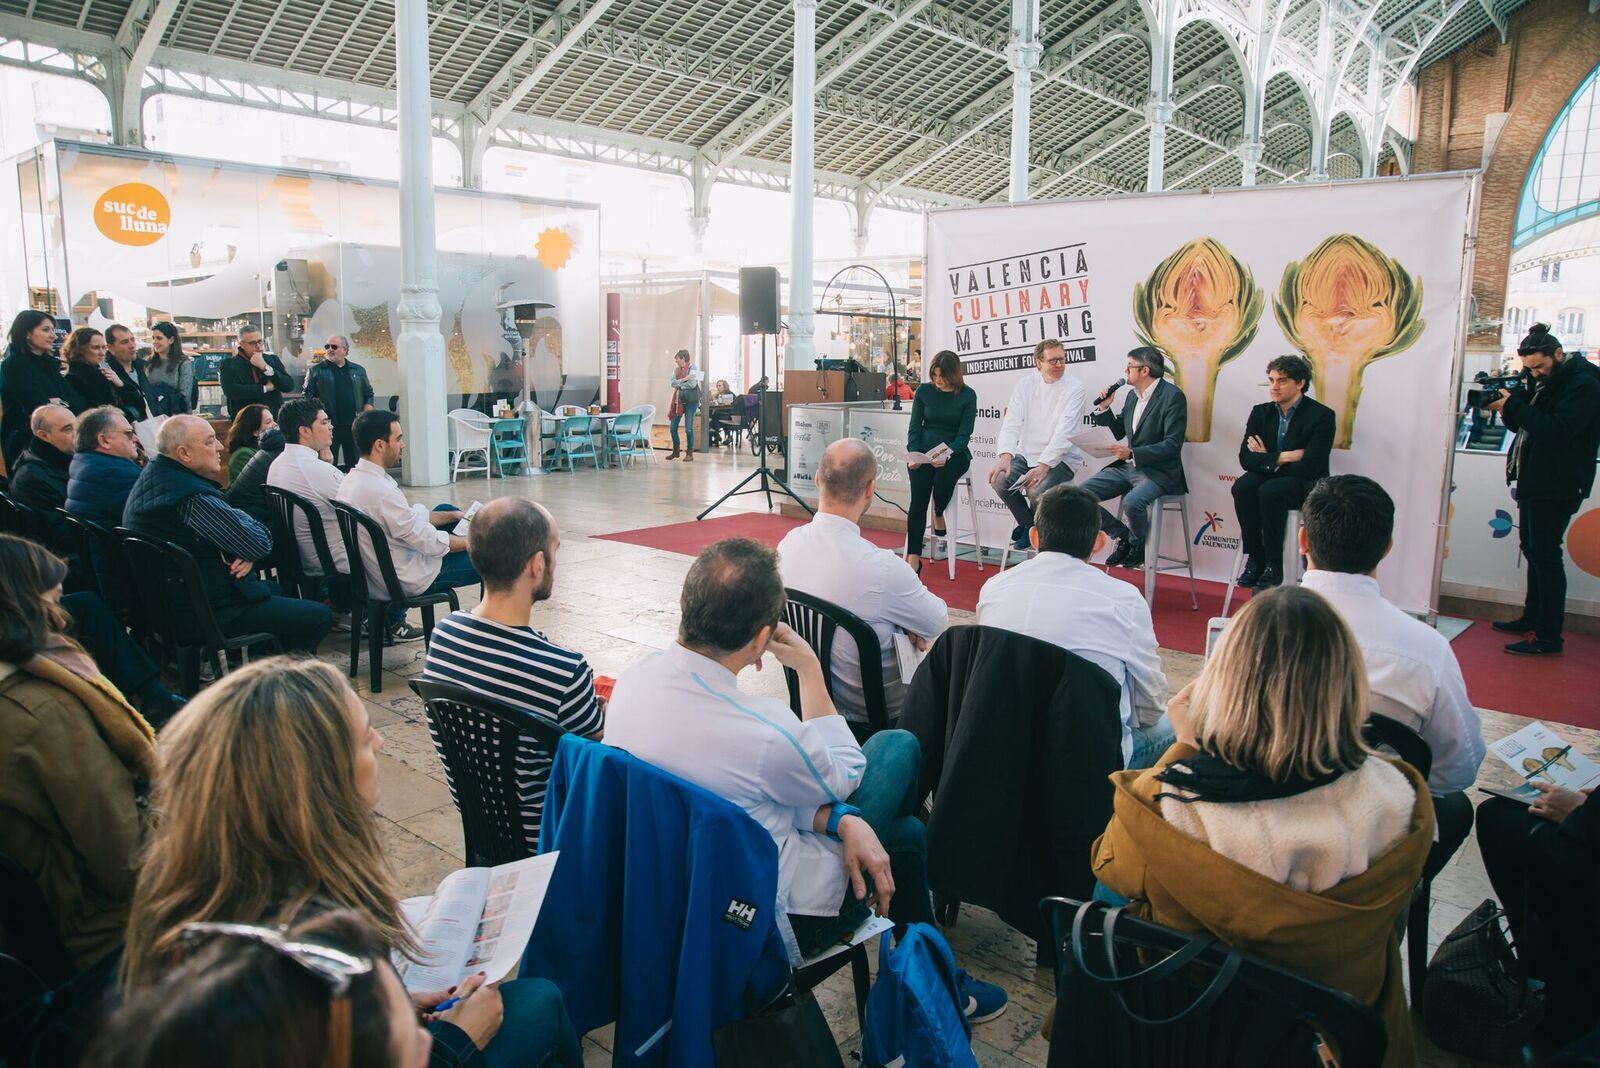 Valencia Culinary Meeting se celebra del 25 de febrero al 3 de marzo